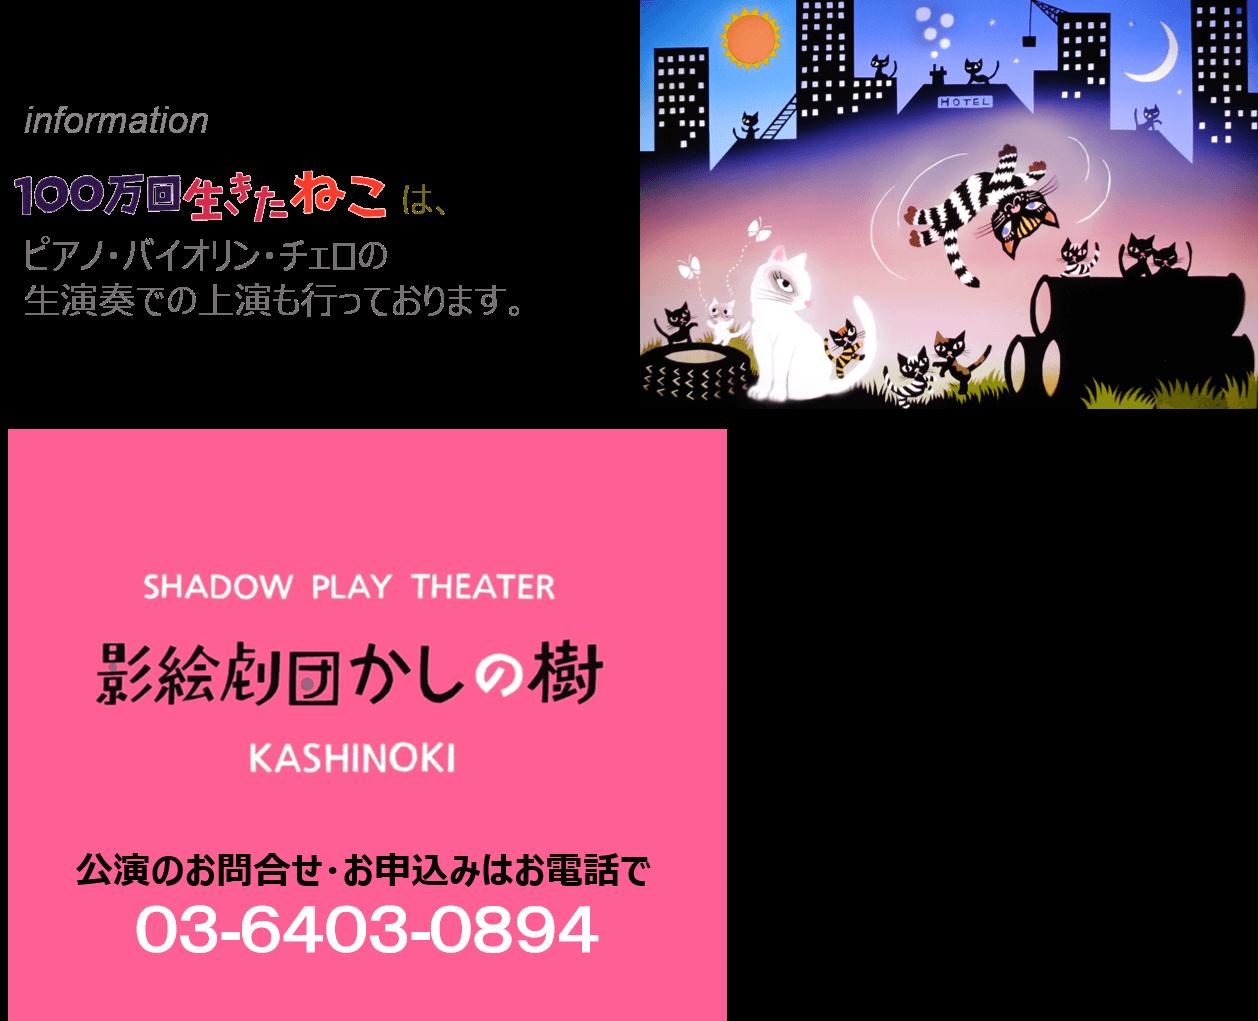 演劇鑑賞教室 100万回生きたねこ 3 (1)